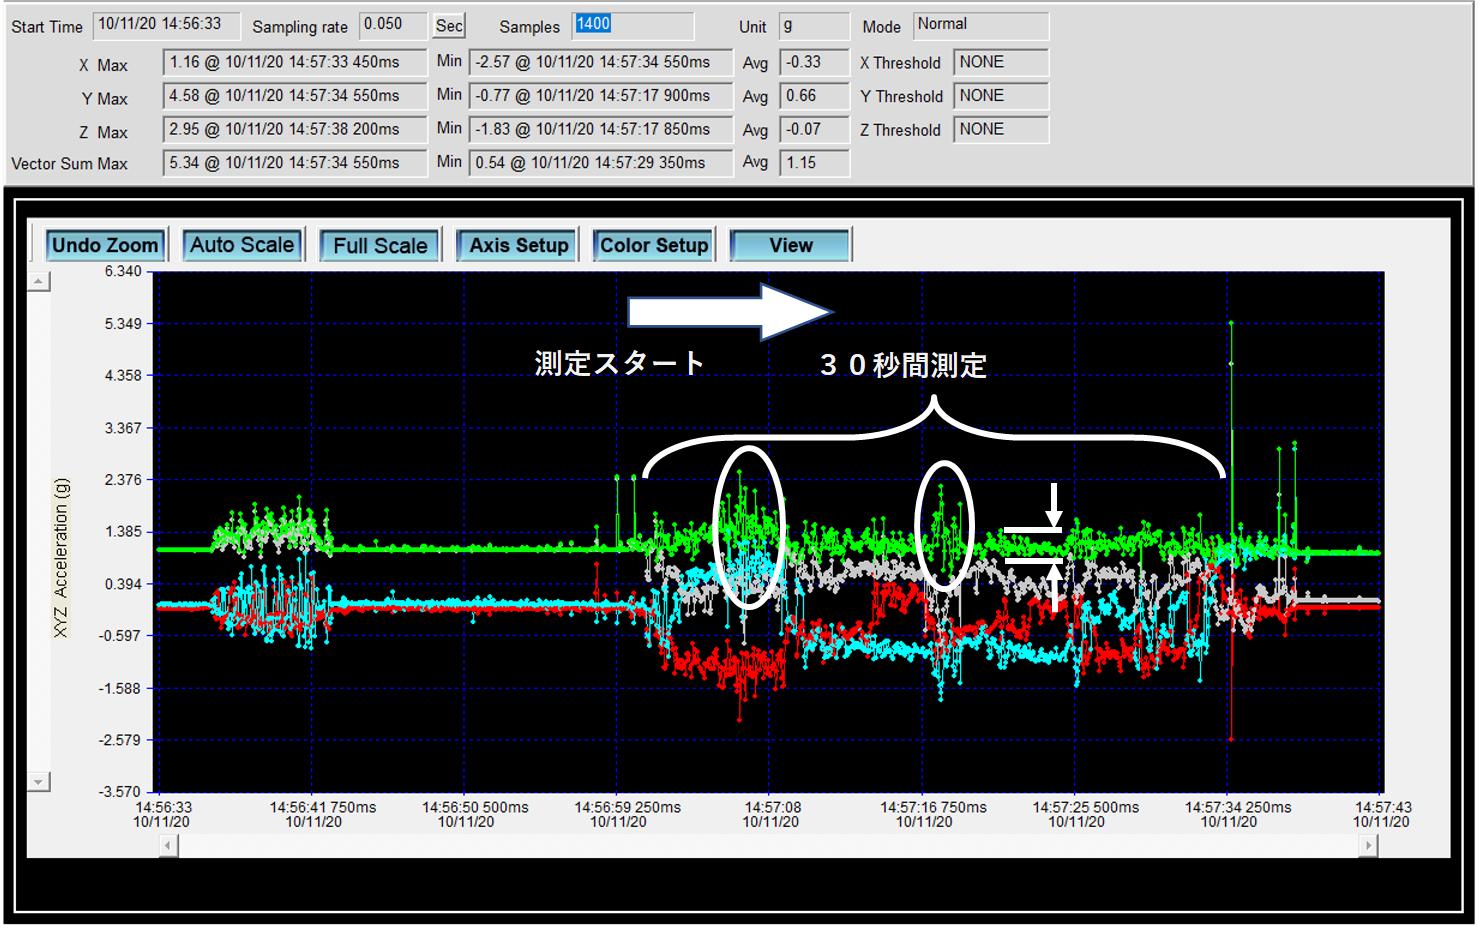 ベビーカーピジョンのアスファルトでの振動、衝撃を測定したデータ